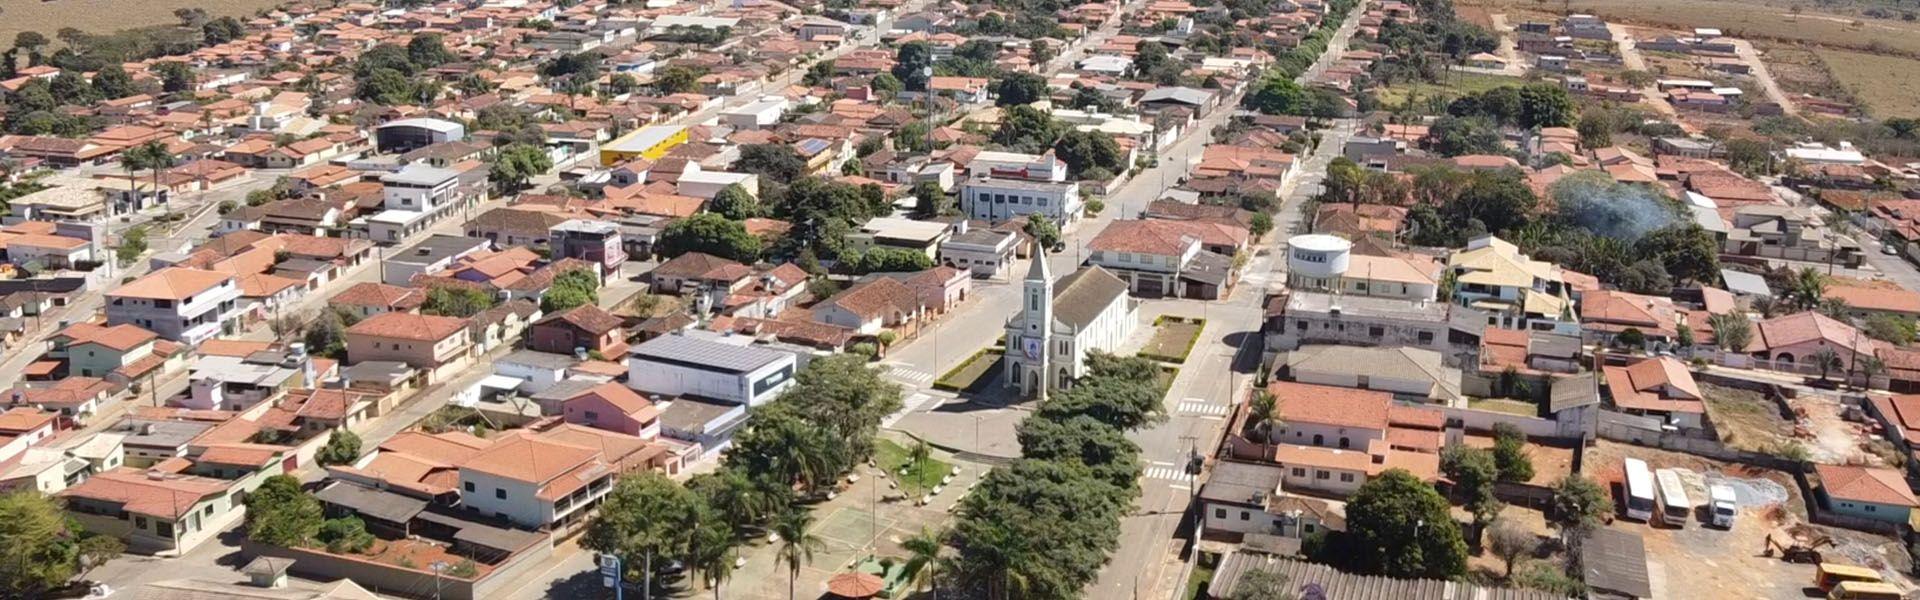 Fonte: www.estreladoindaia.cam.mg.gov.br